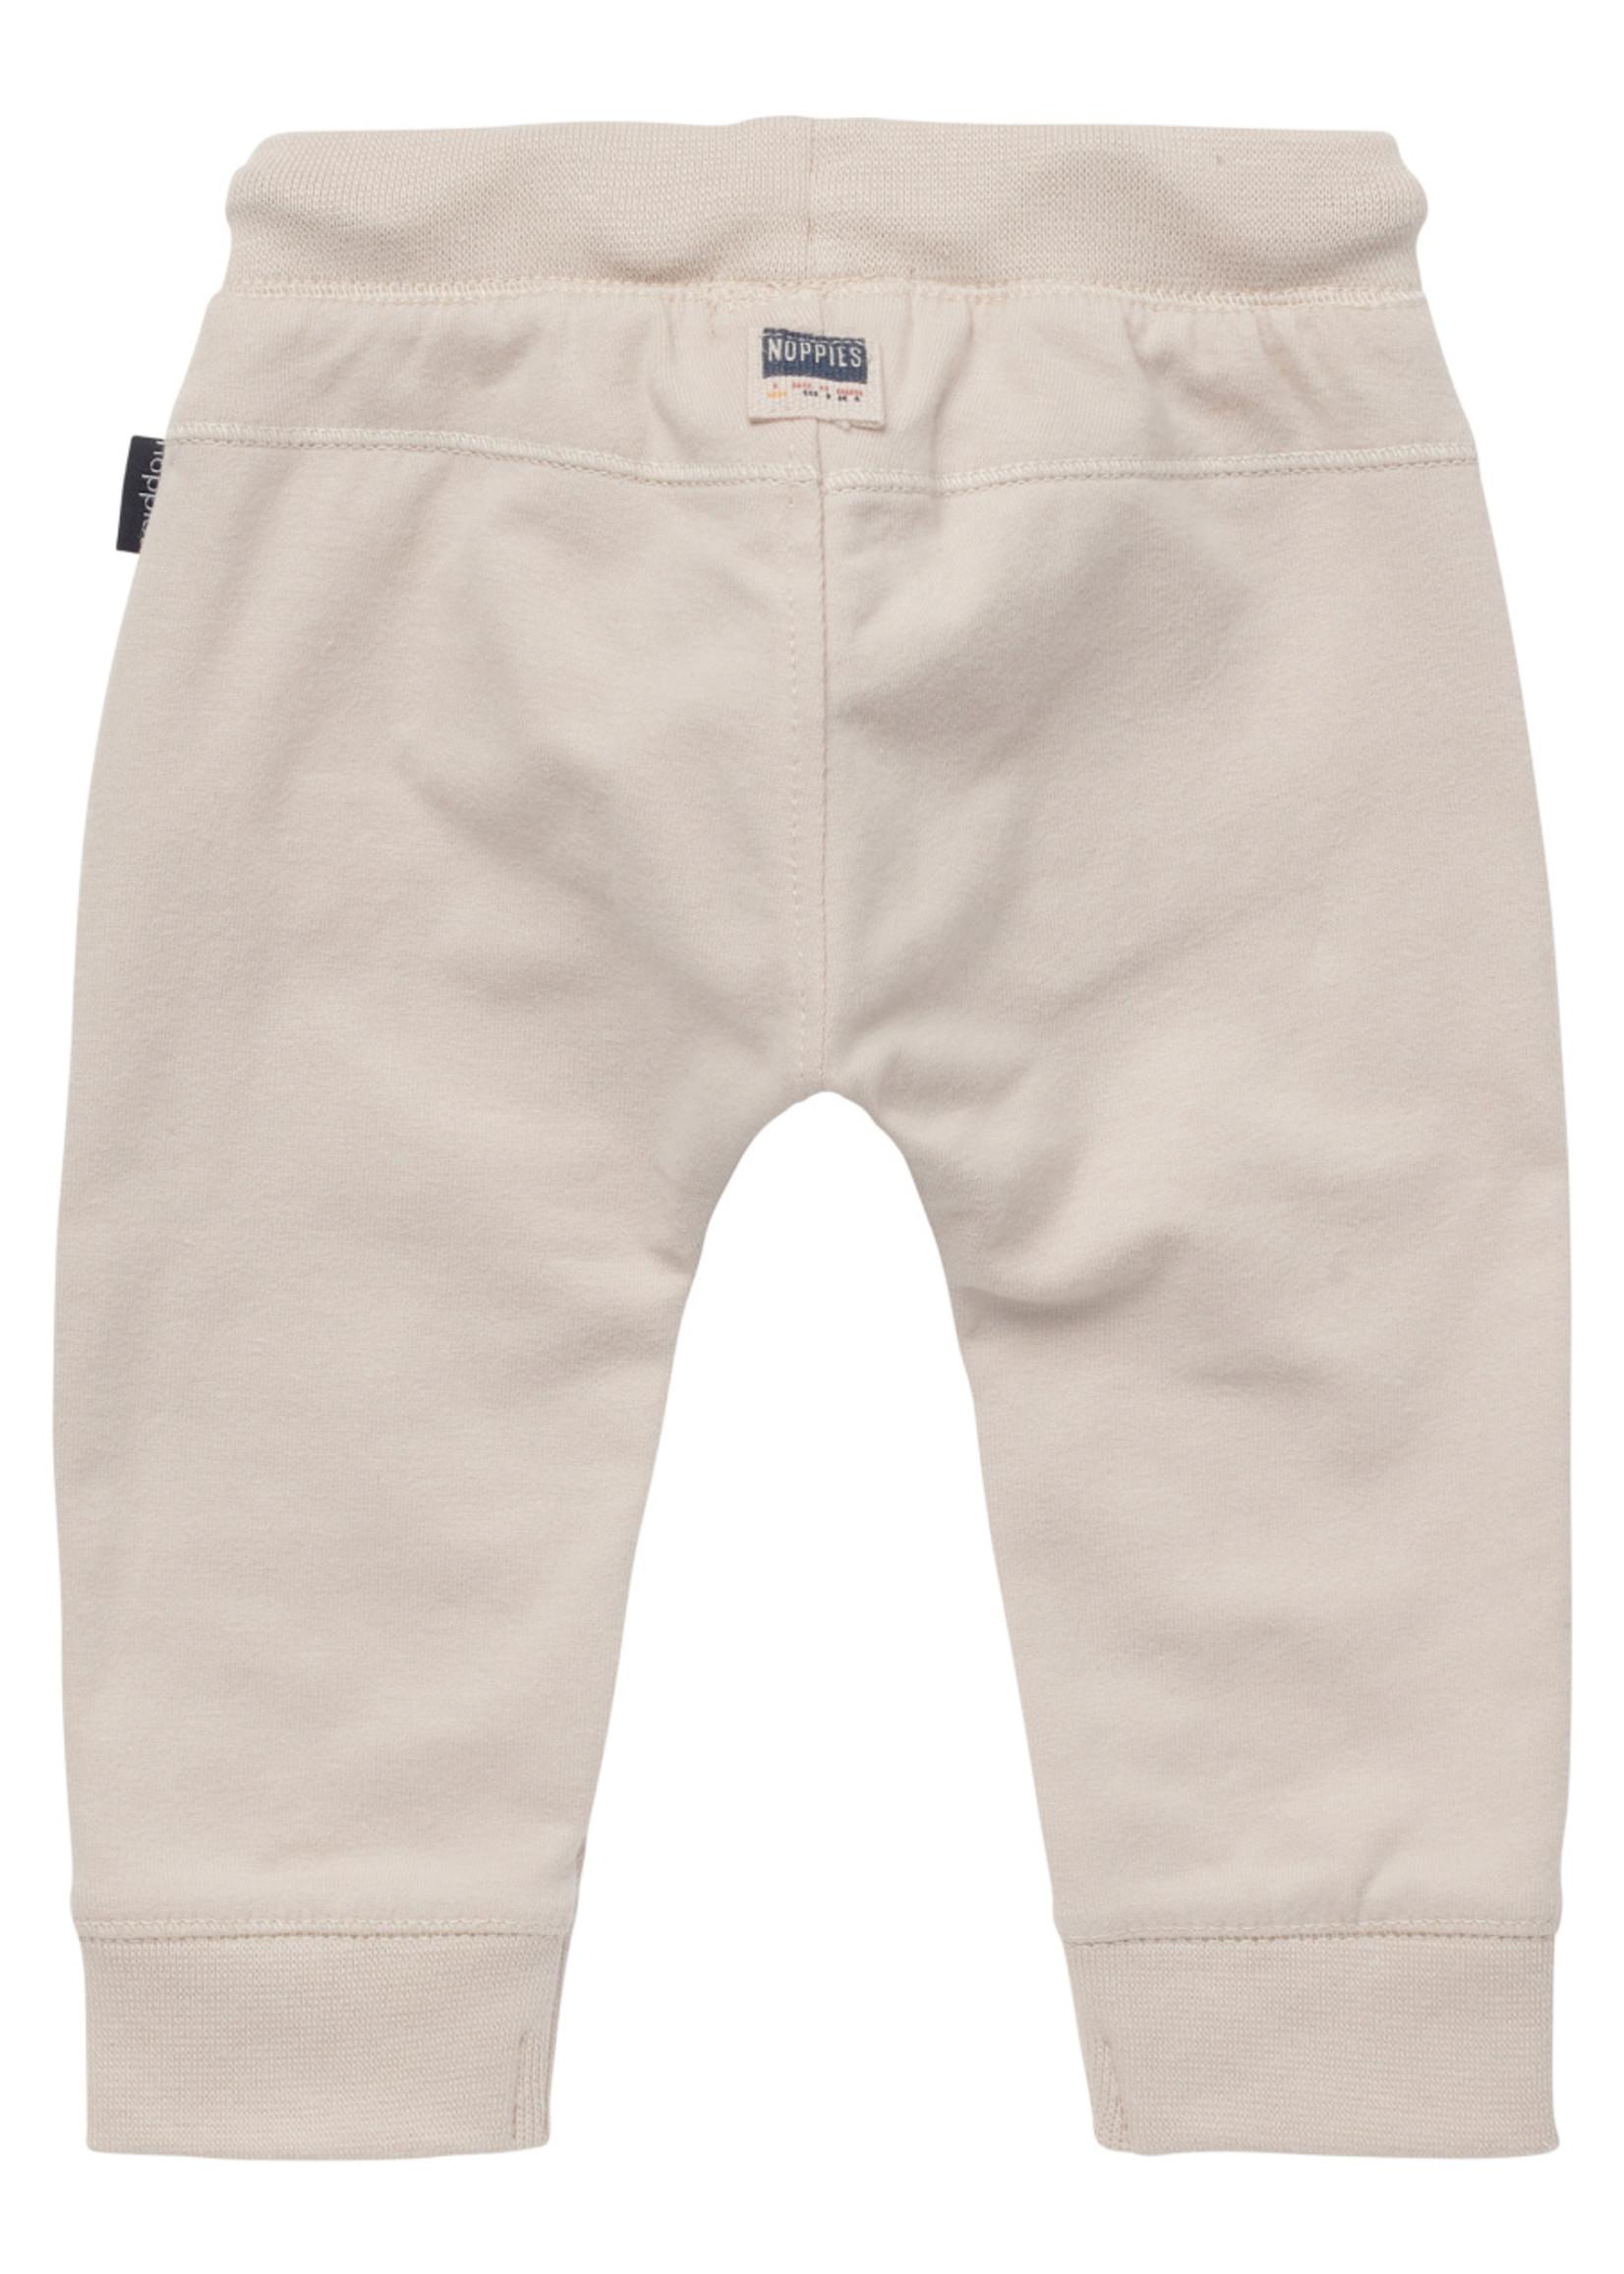 Noppies Pantalon Roervik Gray Morn